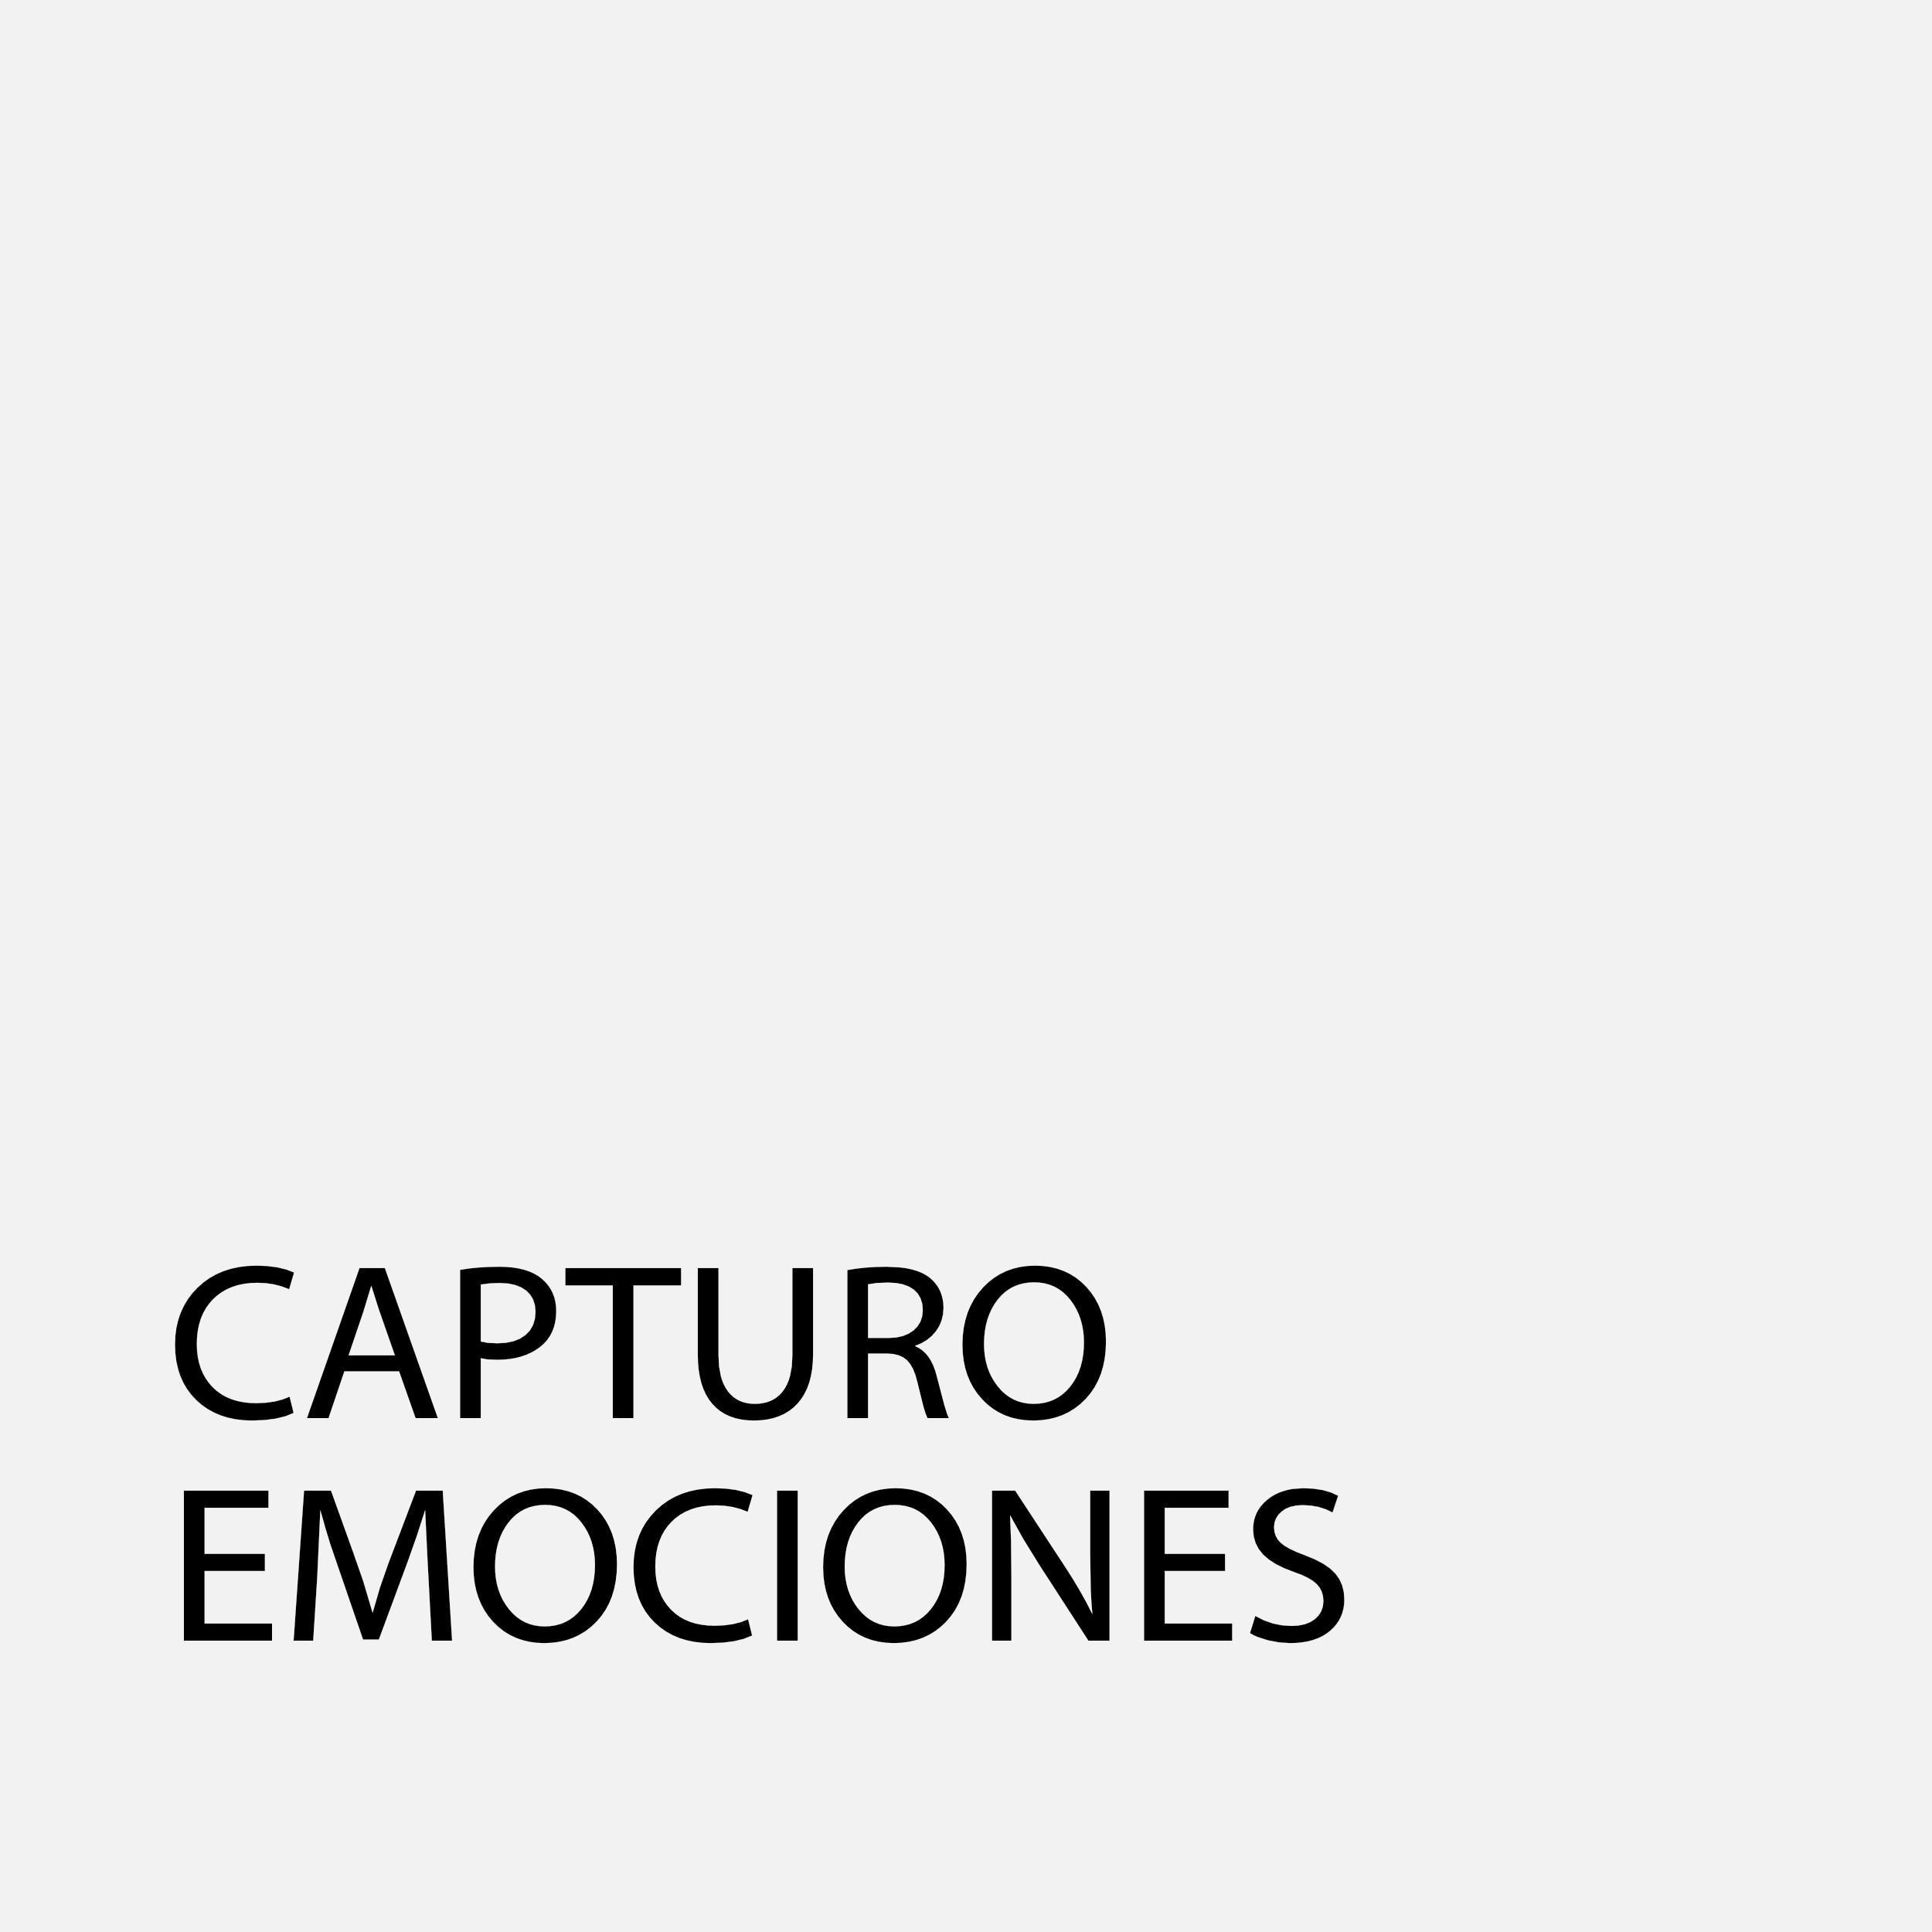 CapturoEmocionesV2.jpg